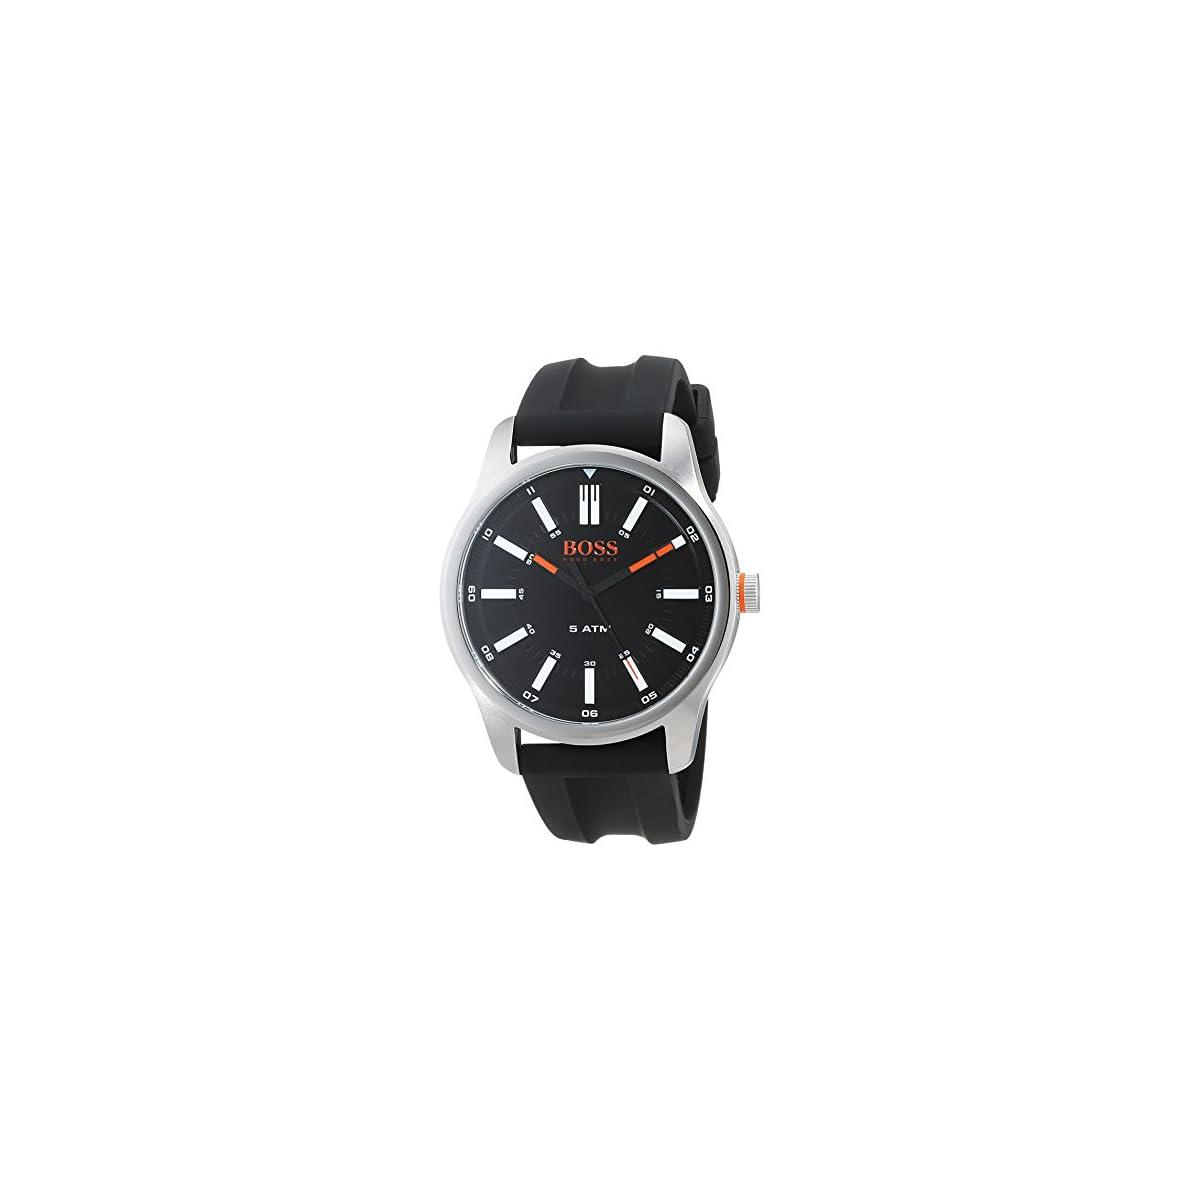 41gQ7GgHrfL. SS1200  - Hugo Boss Orange Reloj Análogo clásico para Hombre de Cuarzo con Correa en Silicona 1550042